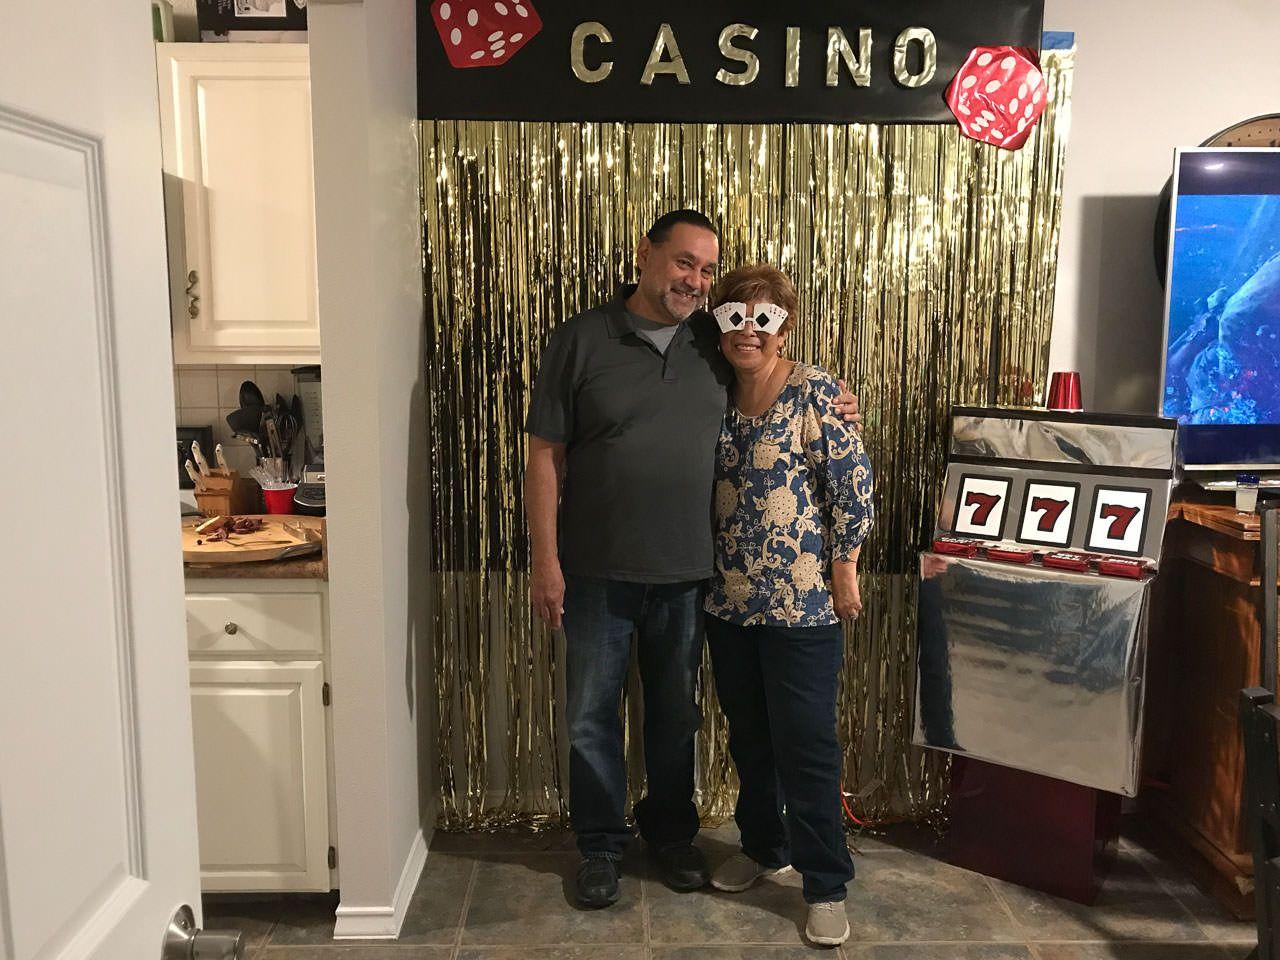 Casino party ideas marisas 27th birthday party